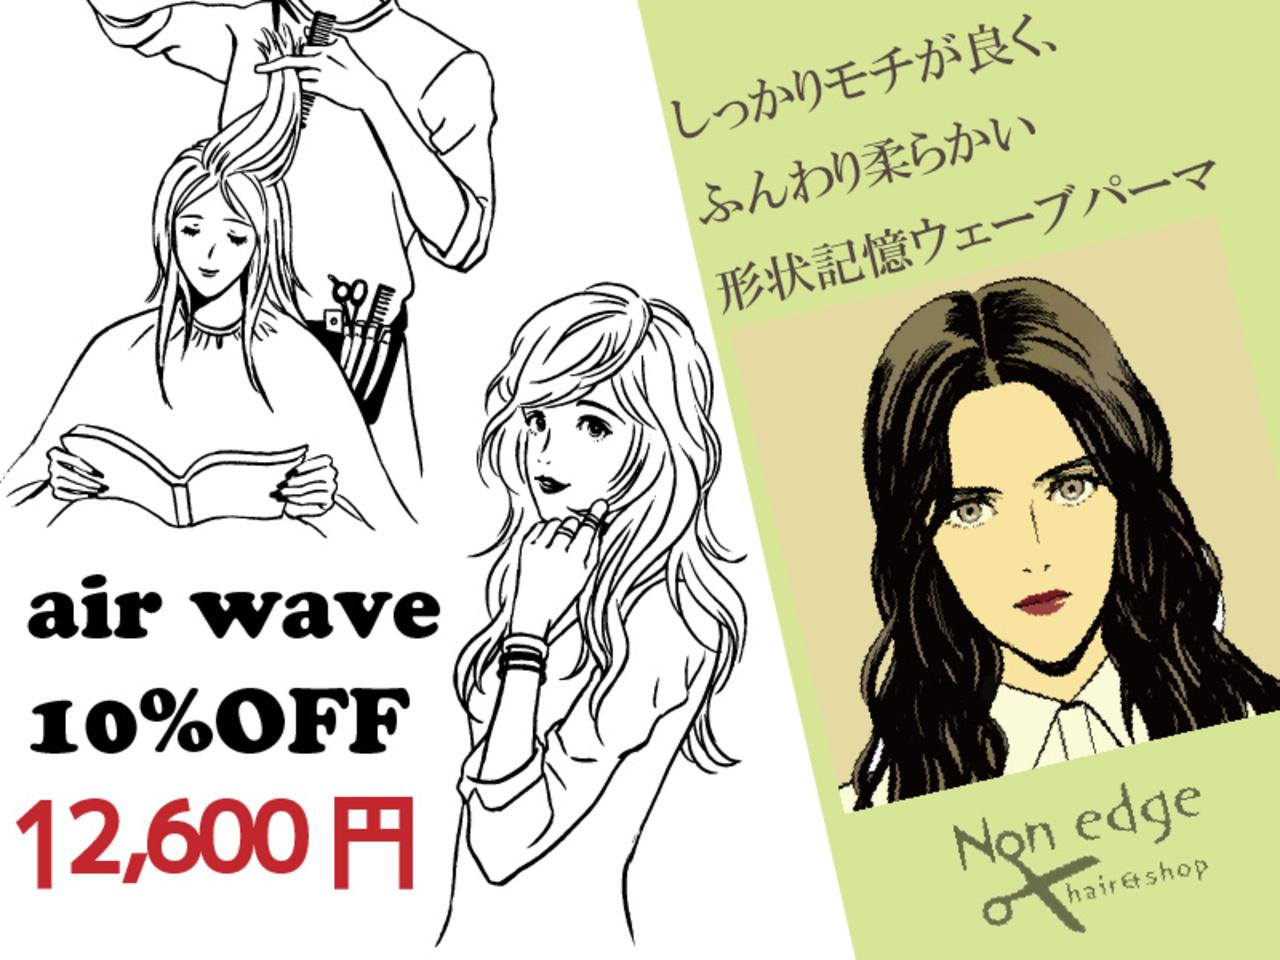 ゆるふわパーマ「air wave(エアウェーブ)」10%OFFキャンペーン♪